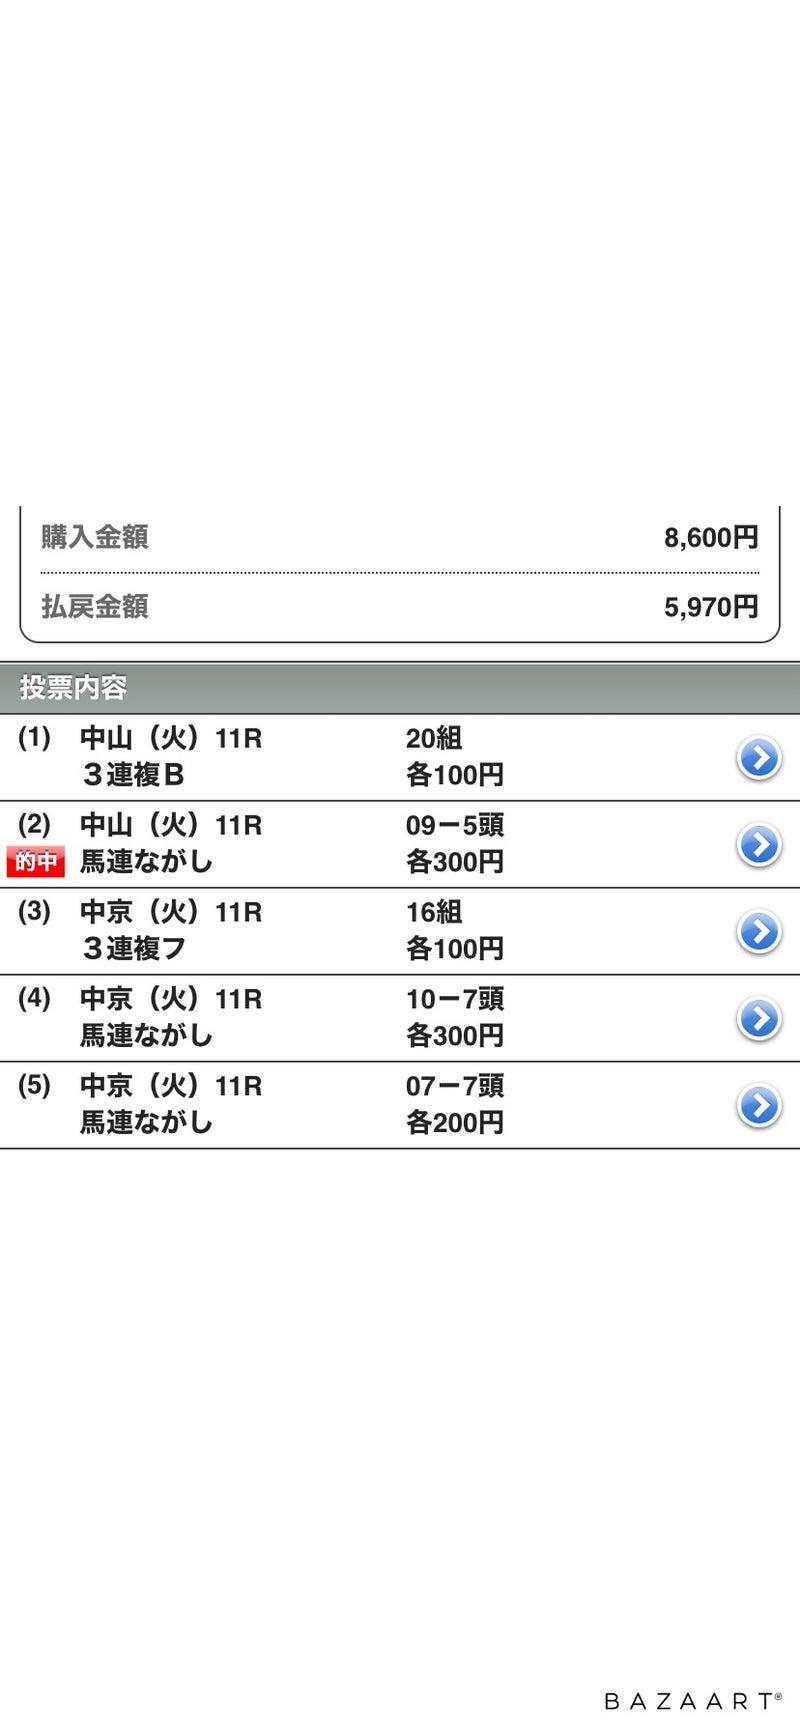 払い戻し 結果 京都 競馬